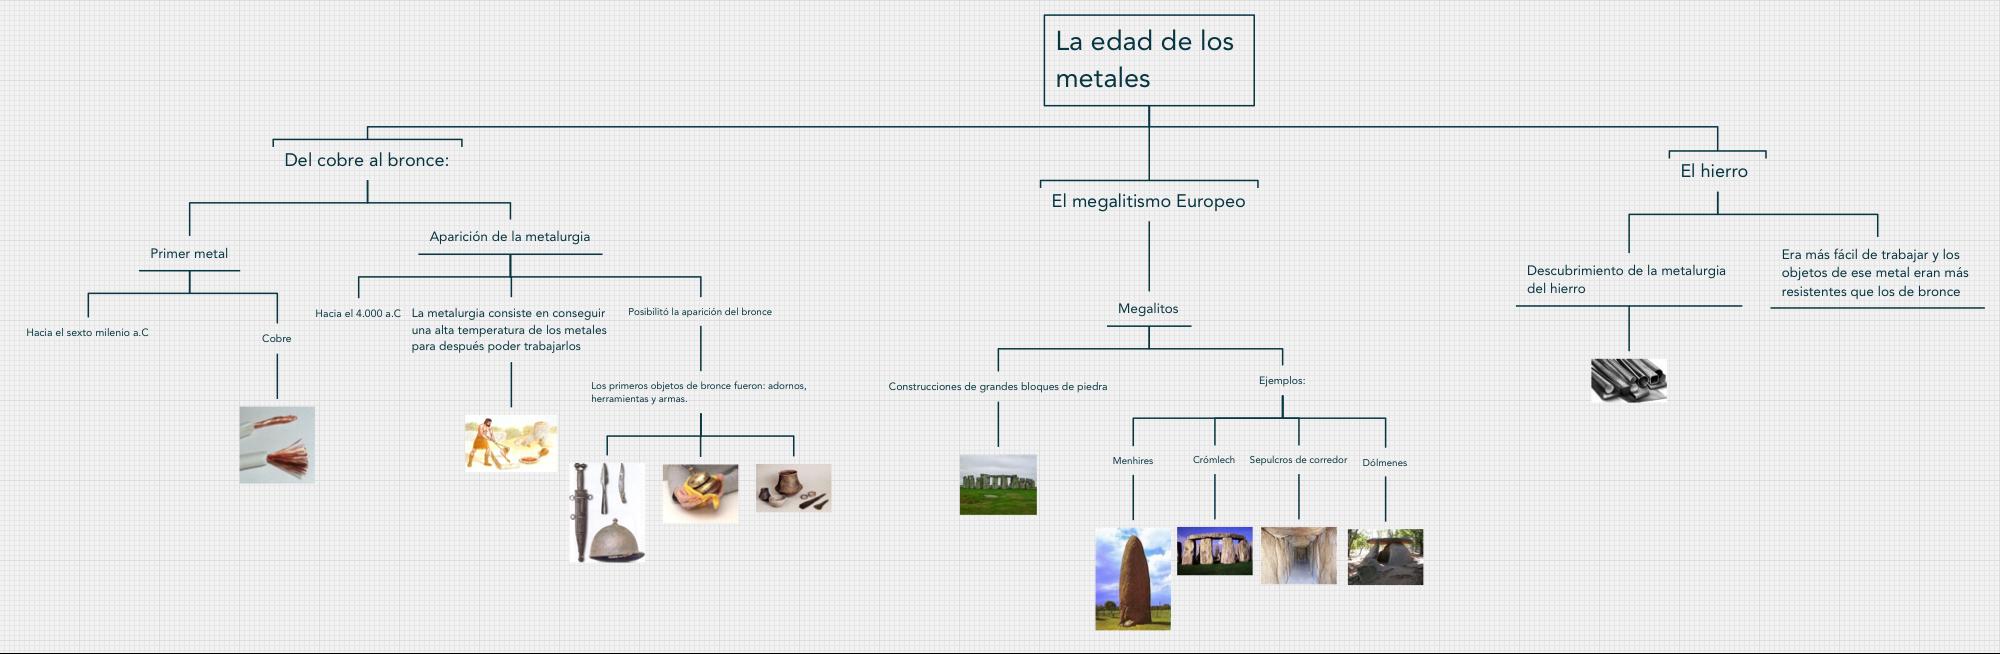 CS_LA EDAD DE LOS METALES_S1